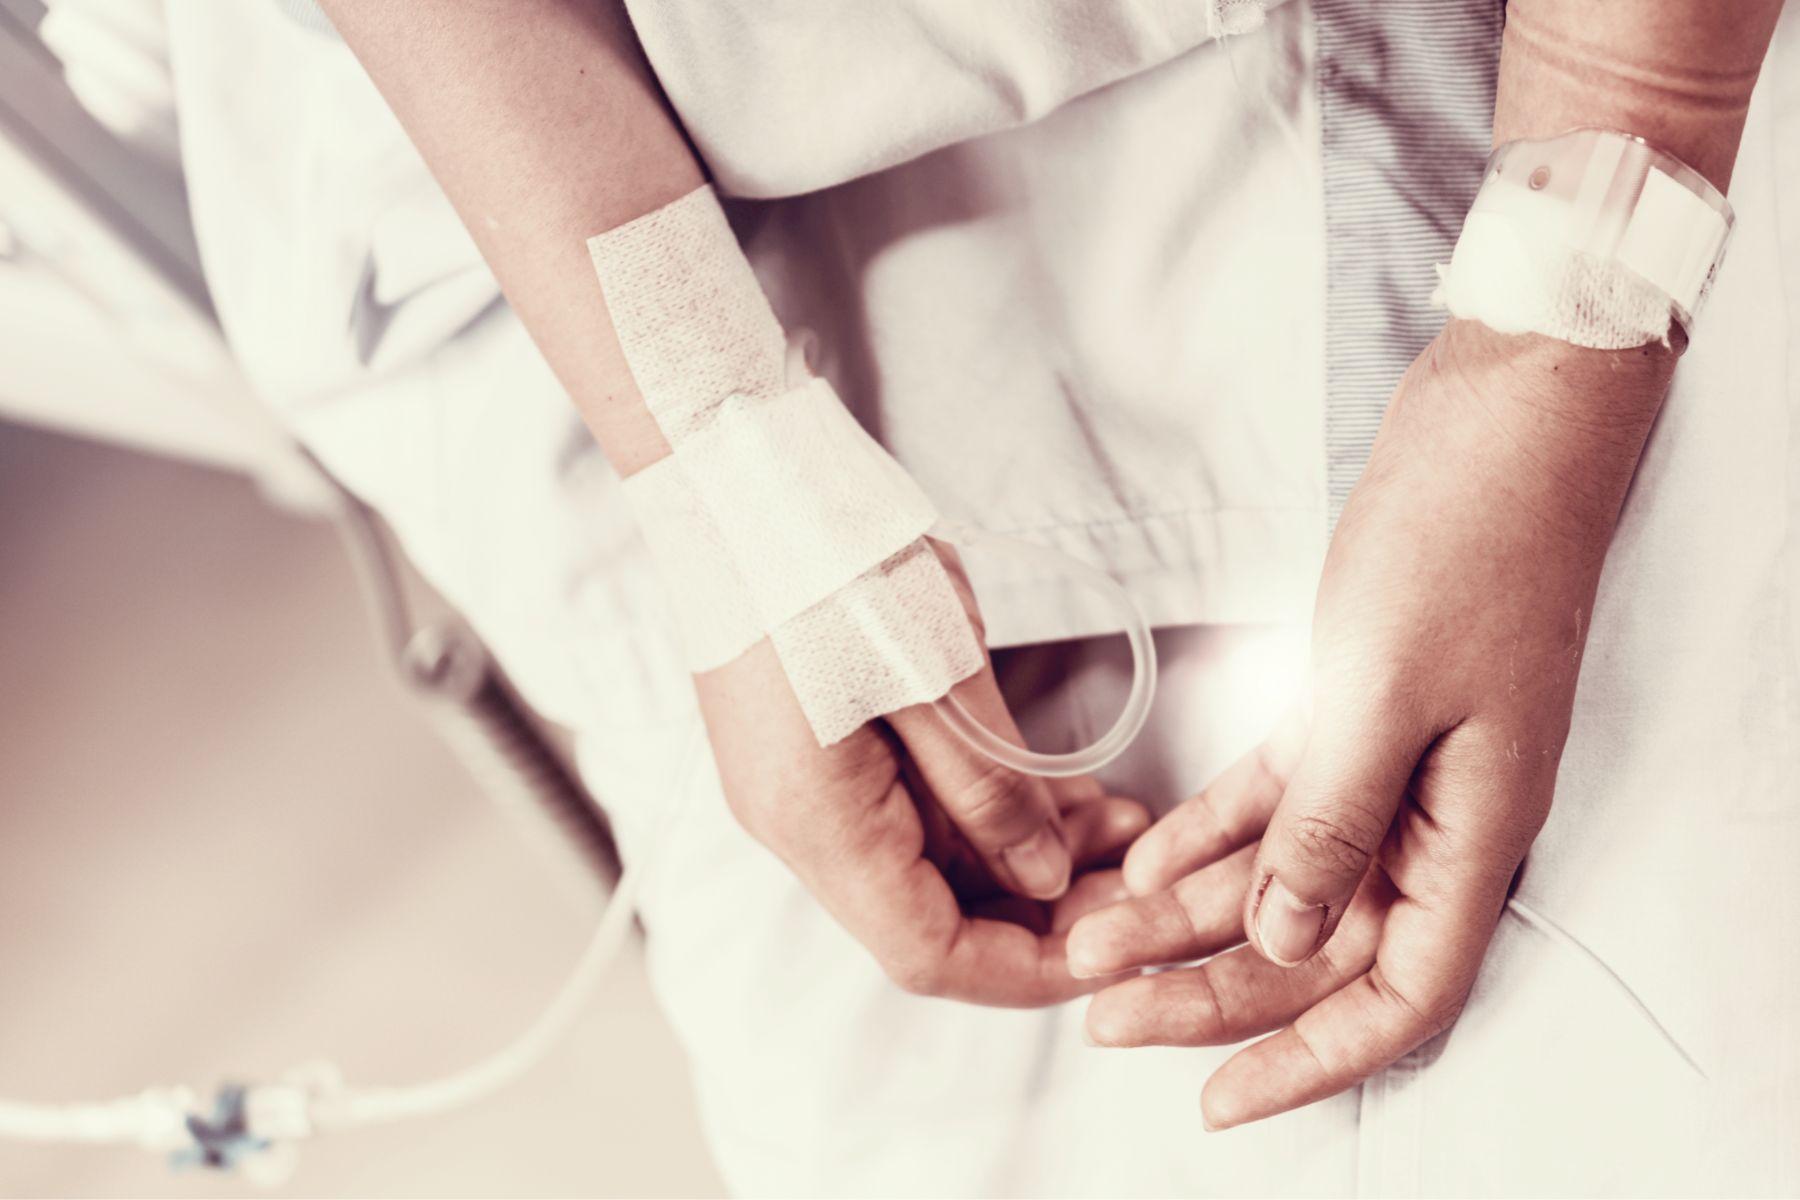 「老婆,我愛妳!」...兩個癌末病人臨死前的心願清單